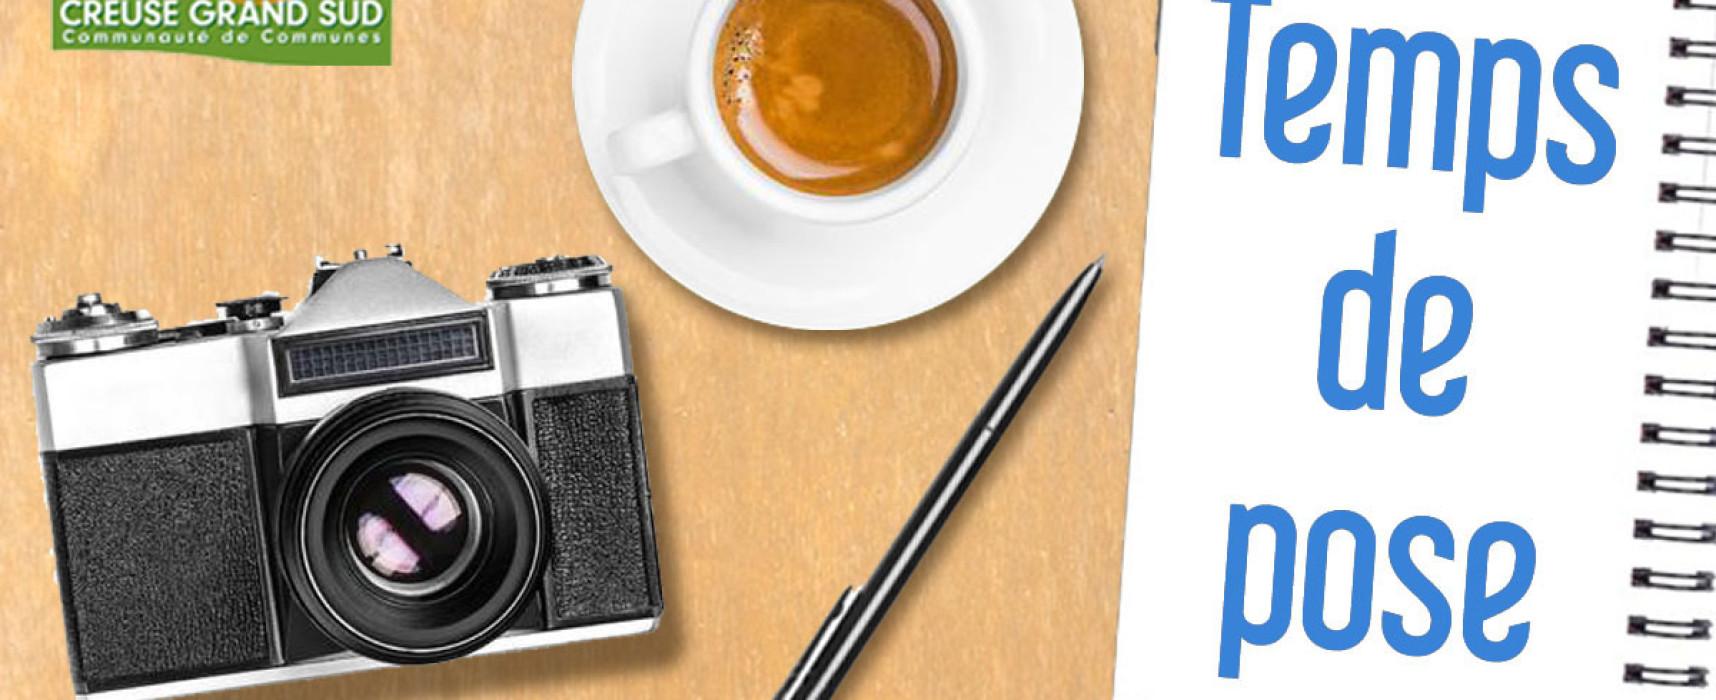 [Concours] «Temps de pose» – Explorez vos talents de photographe et participez à un petit jeu d'écriture – avril 2020